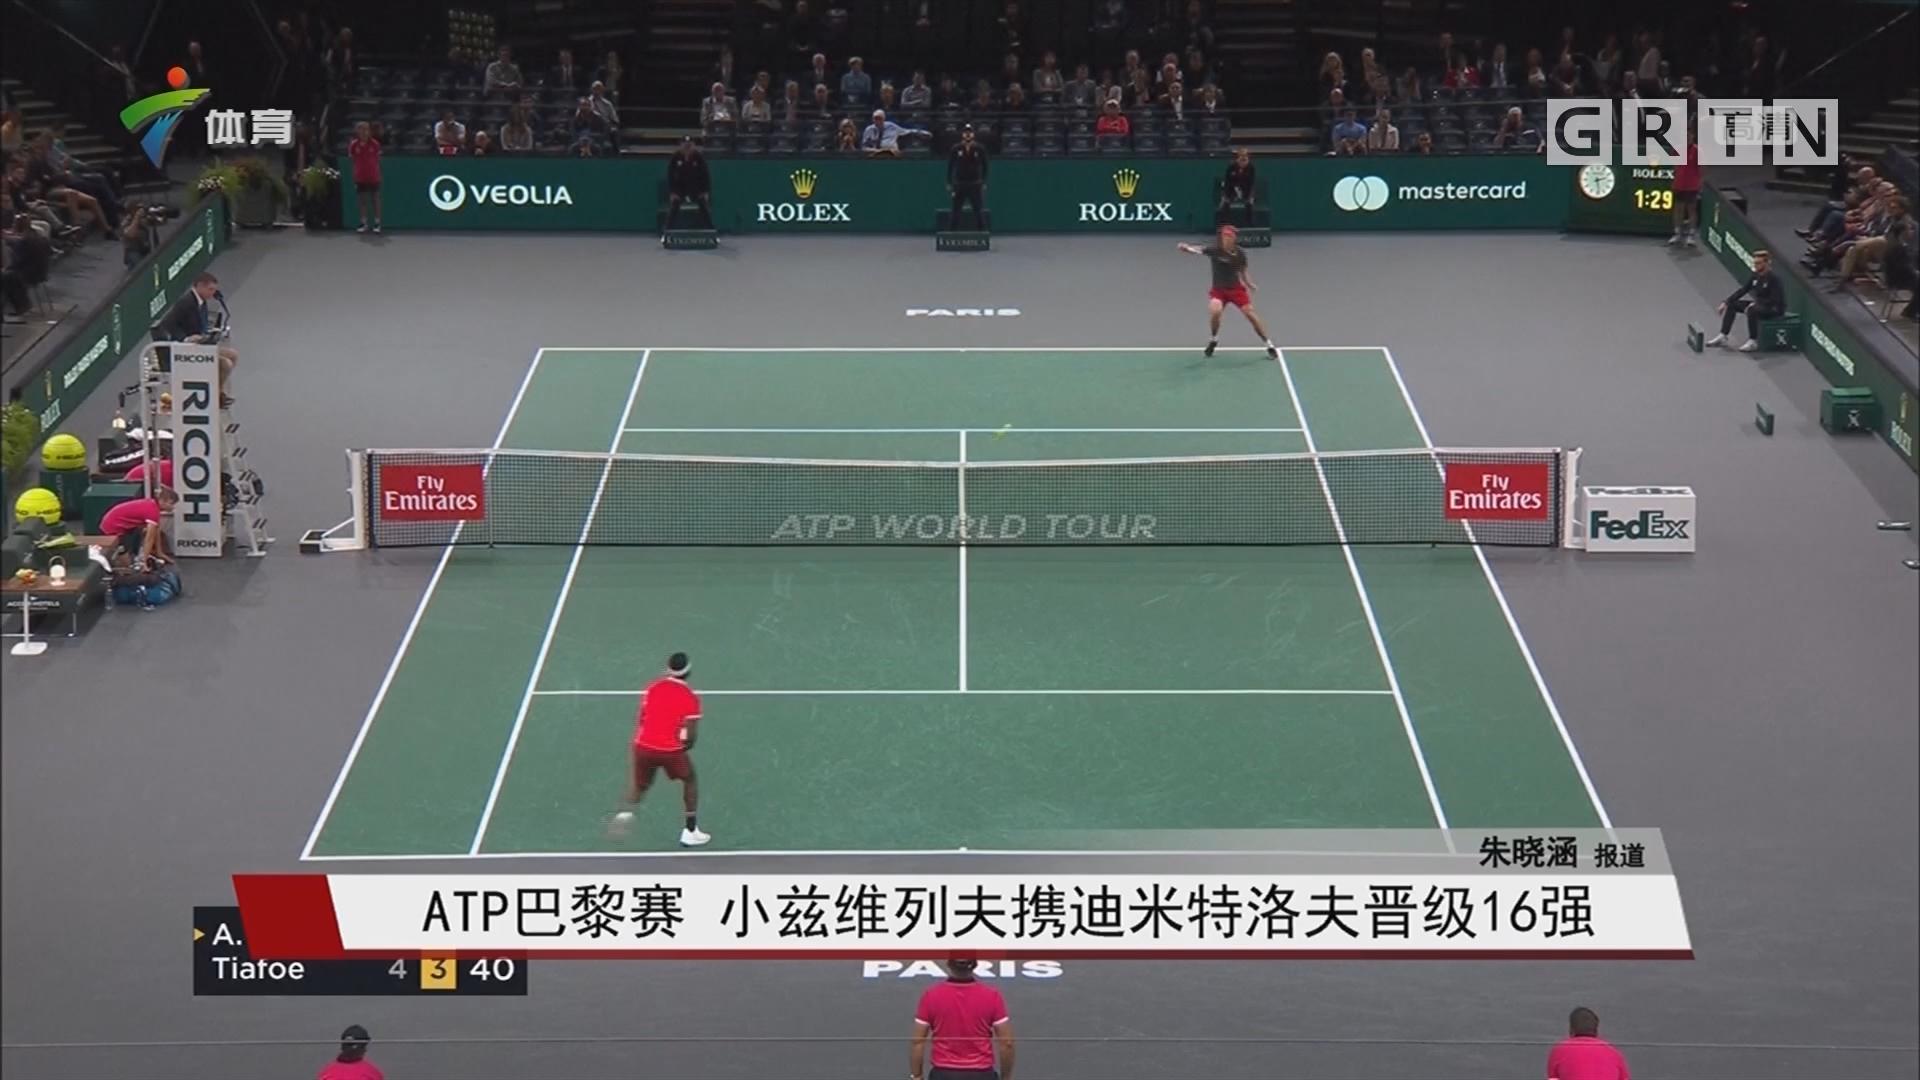 ATP巴黎赛 小兹维列夫携迪米特洛夫晋级16强